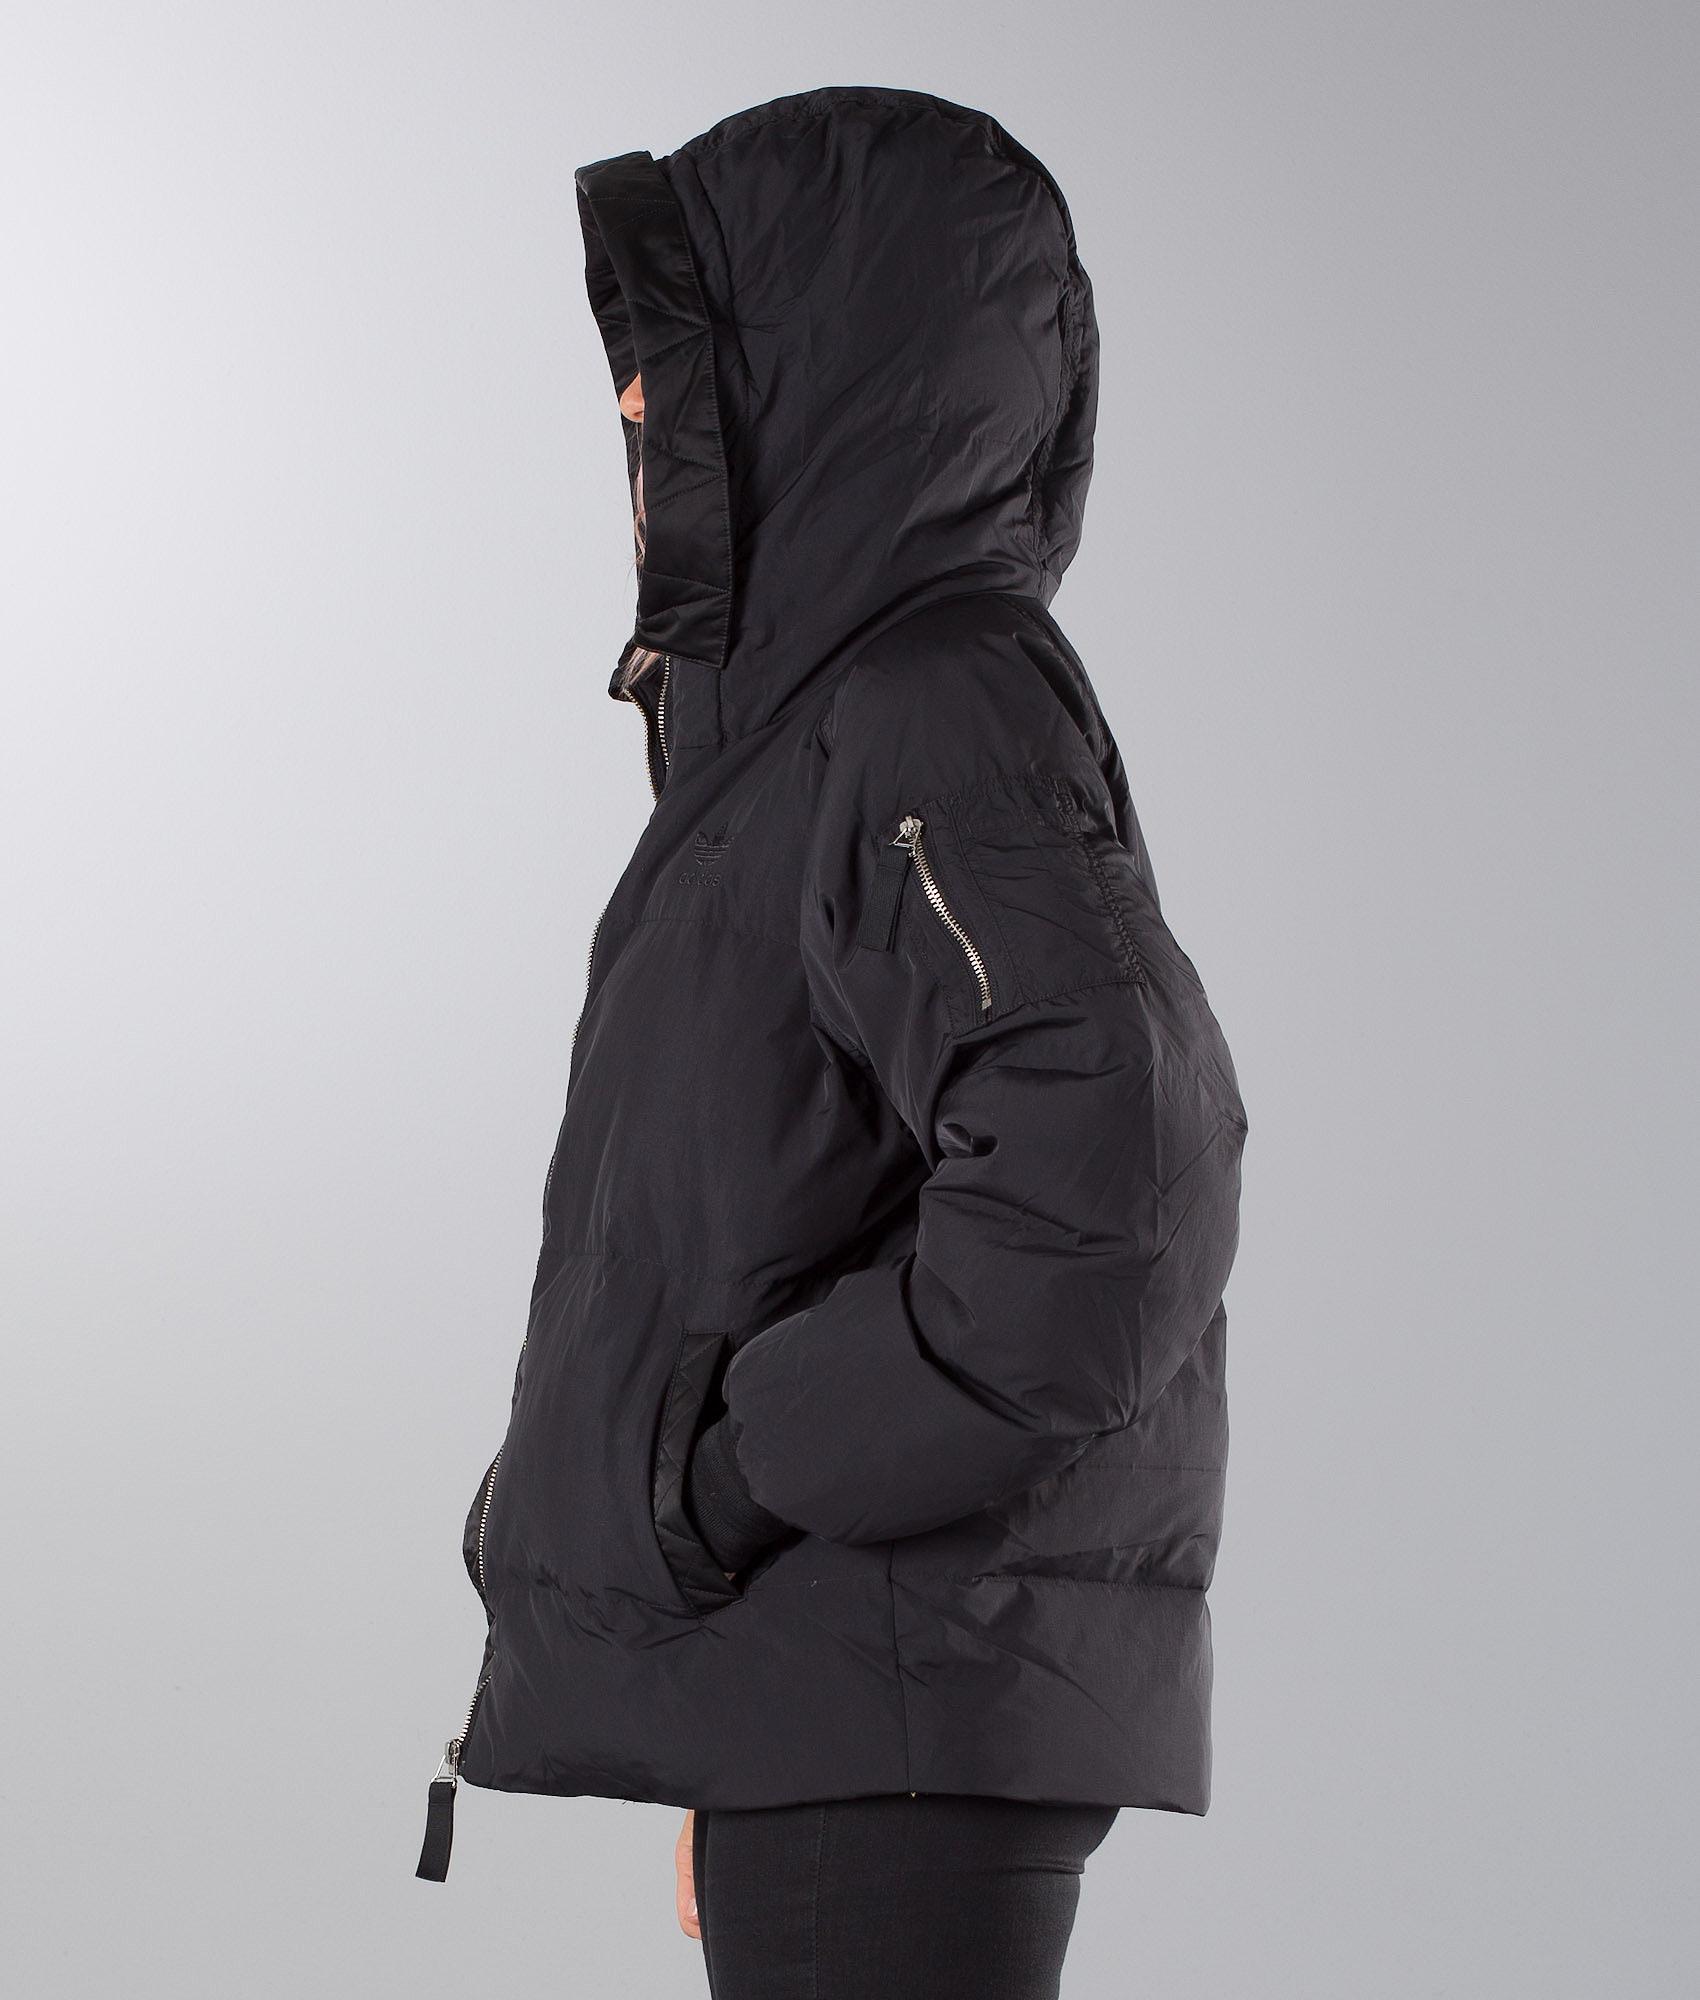 d6fd720e6f Adidas Originals Short Bomber Jacket Black